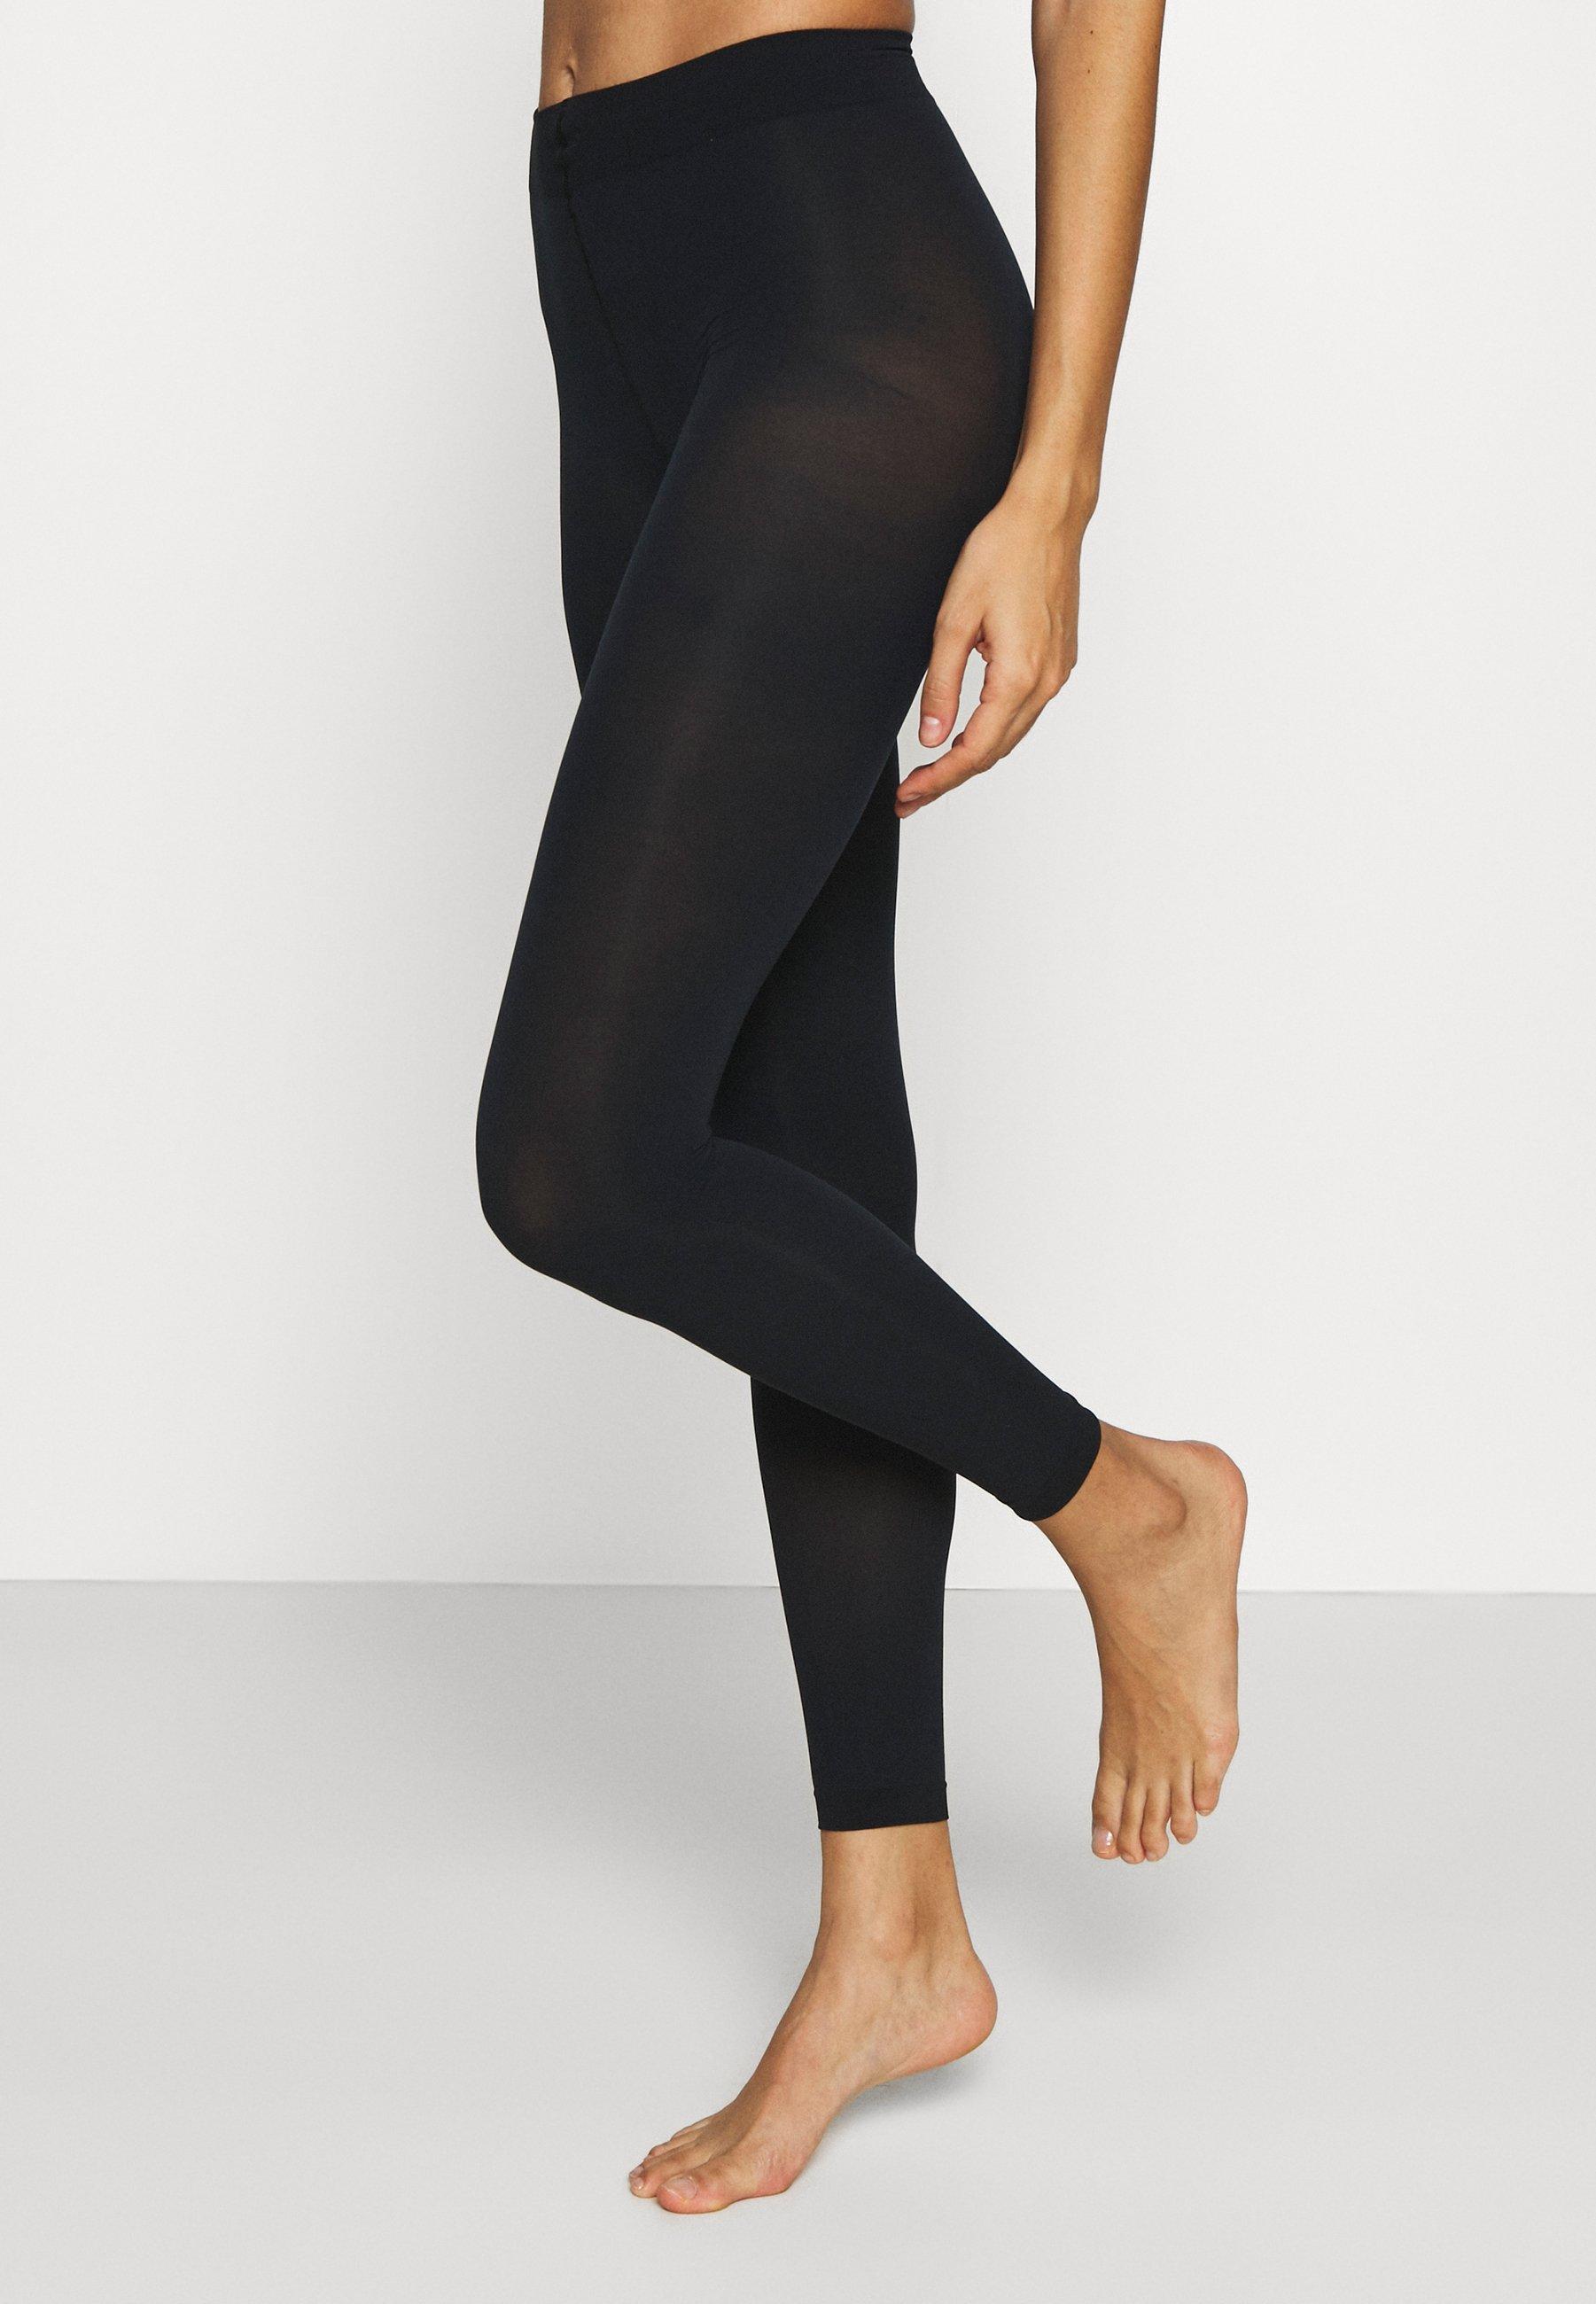 Women Leggings - Stockings